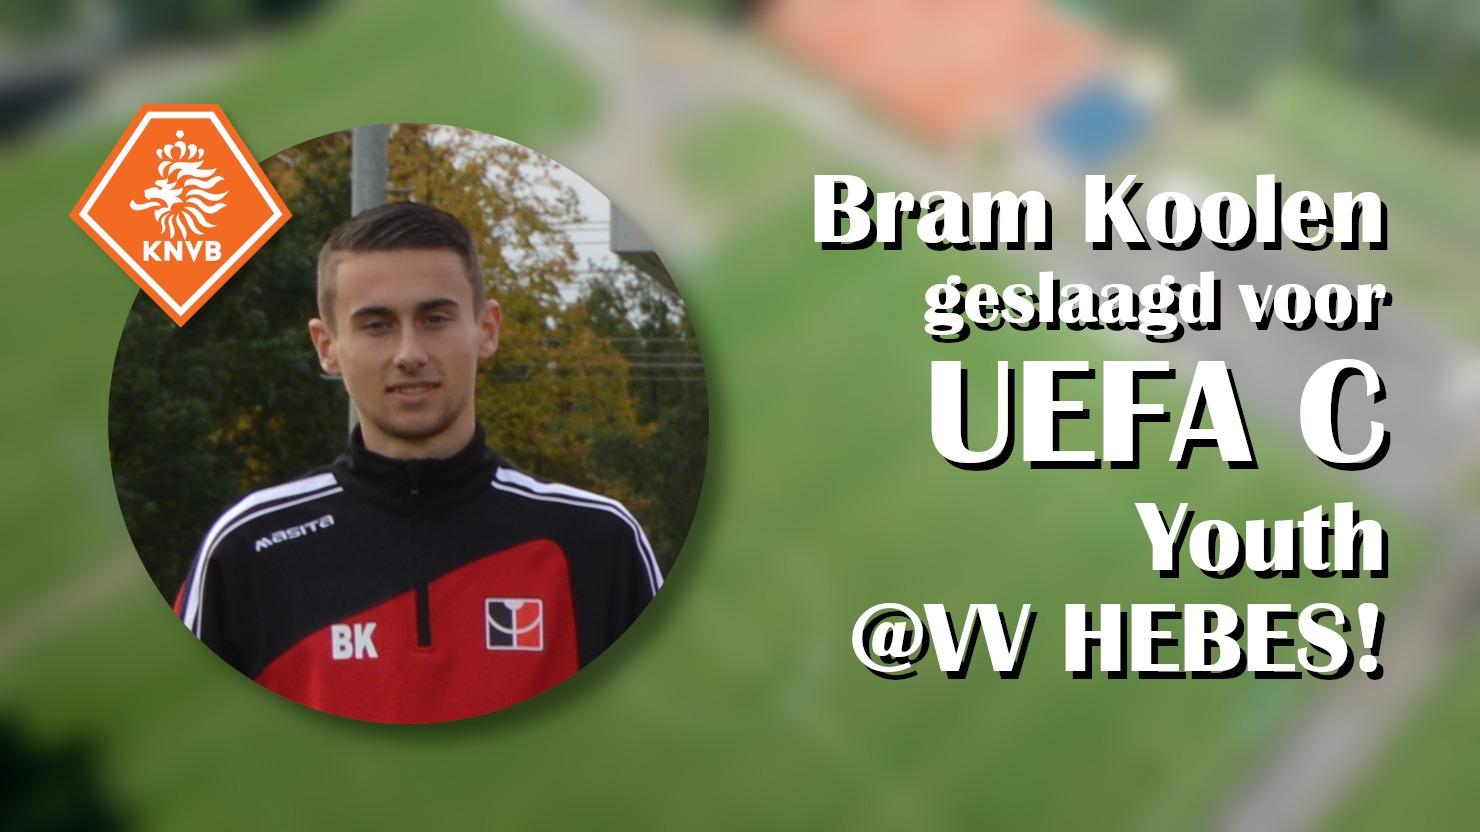 Bram Koolen geslaagd voor UEFA C Youth